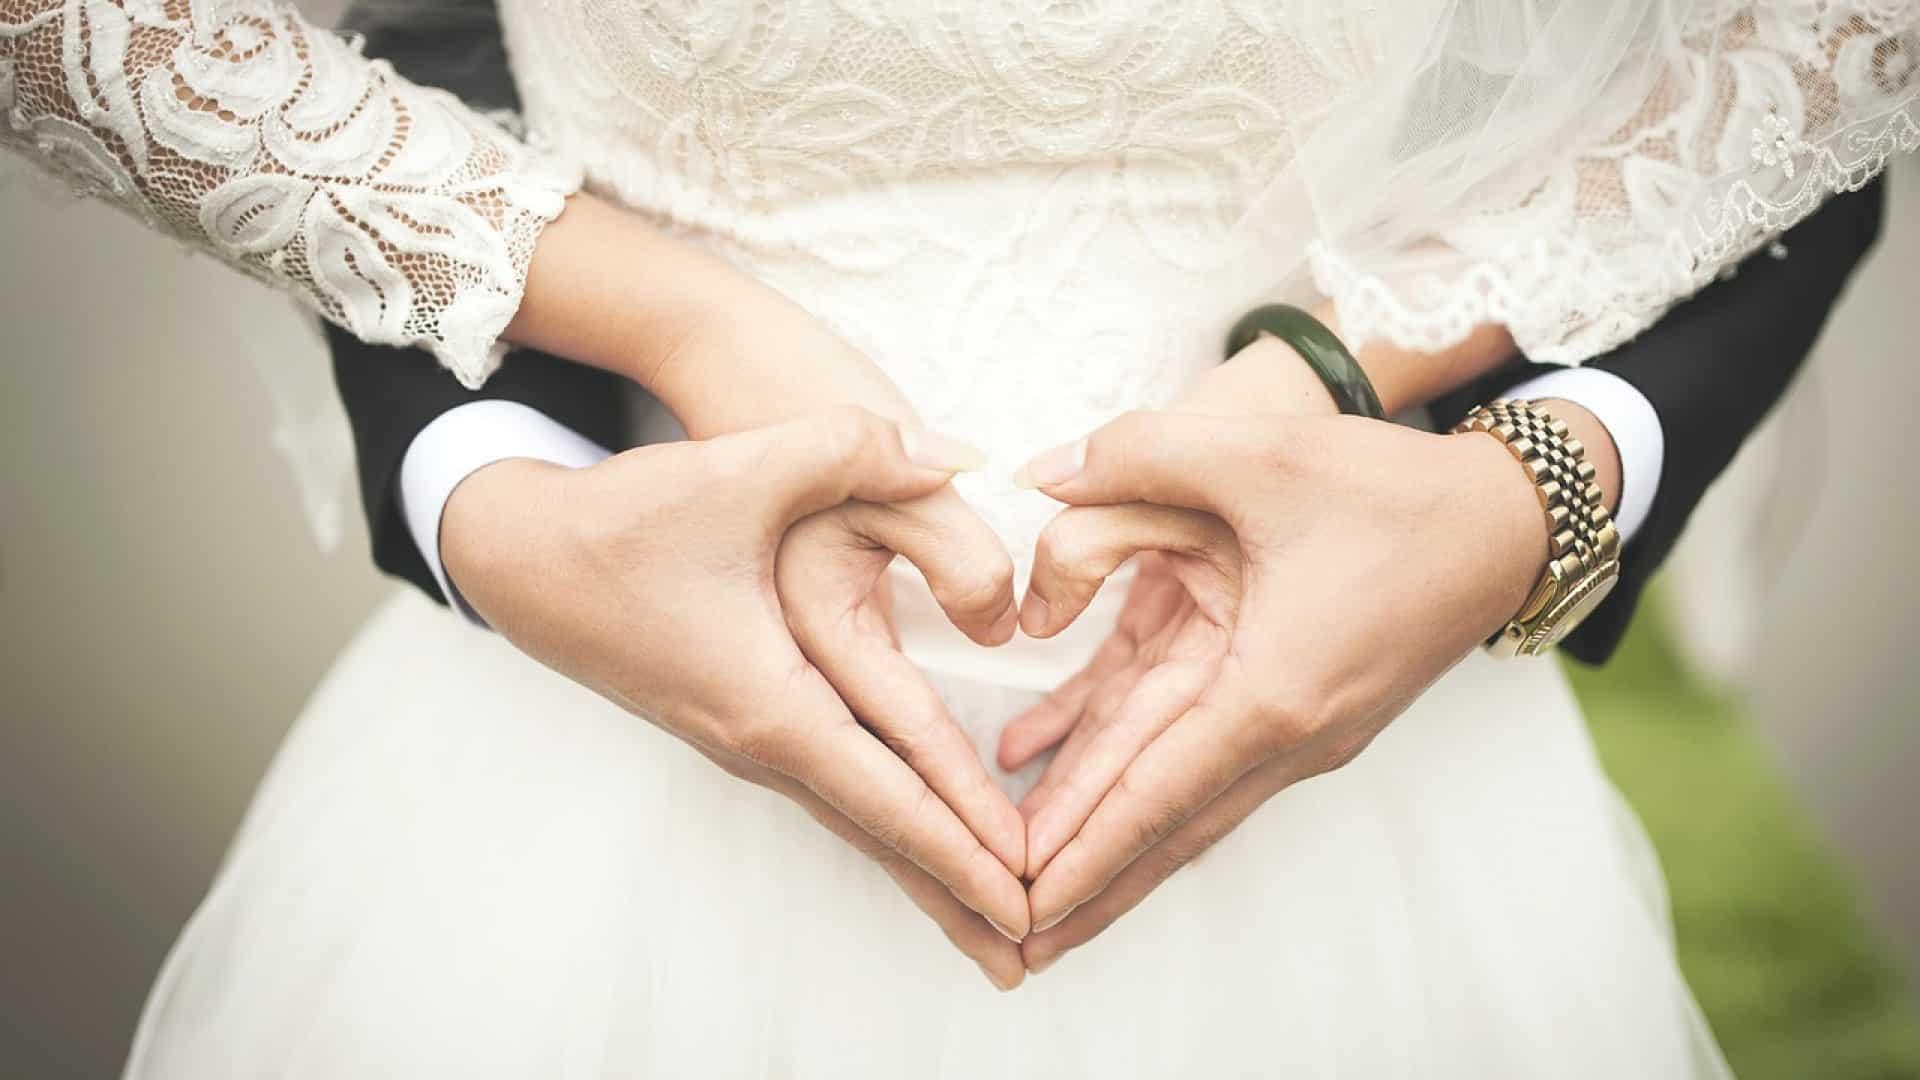 Comment bien préparer son mariage?